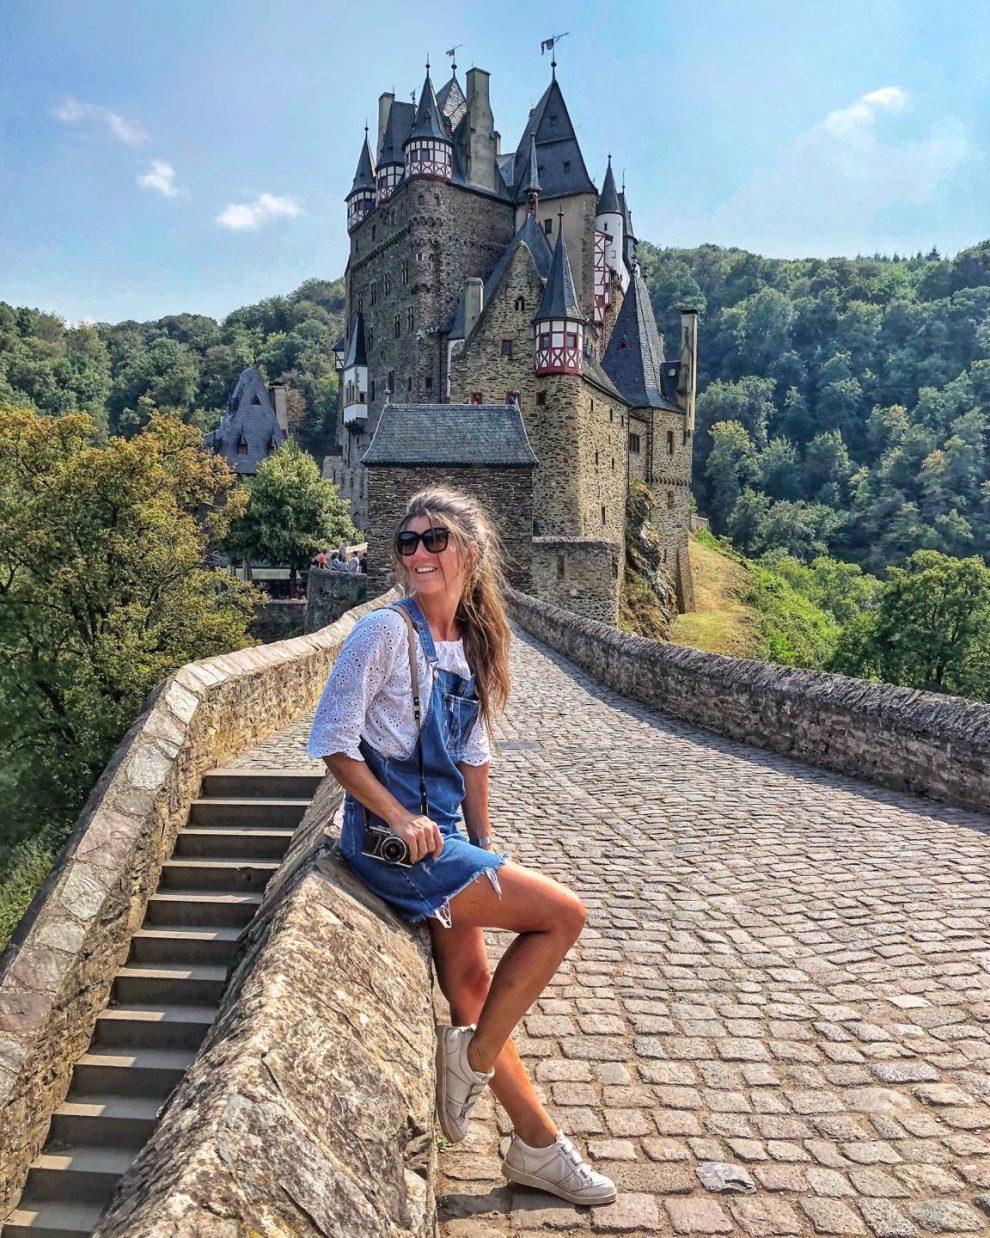 Een bezoek aan Burg Eltz wierschem kastelen in de buurt